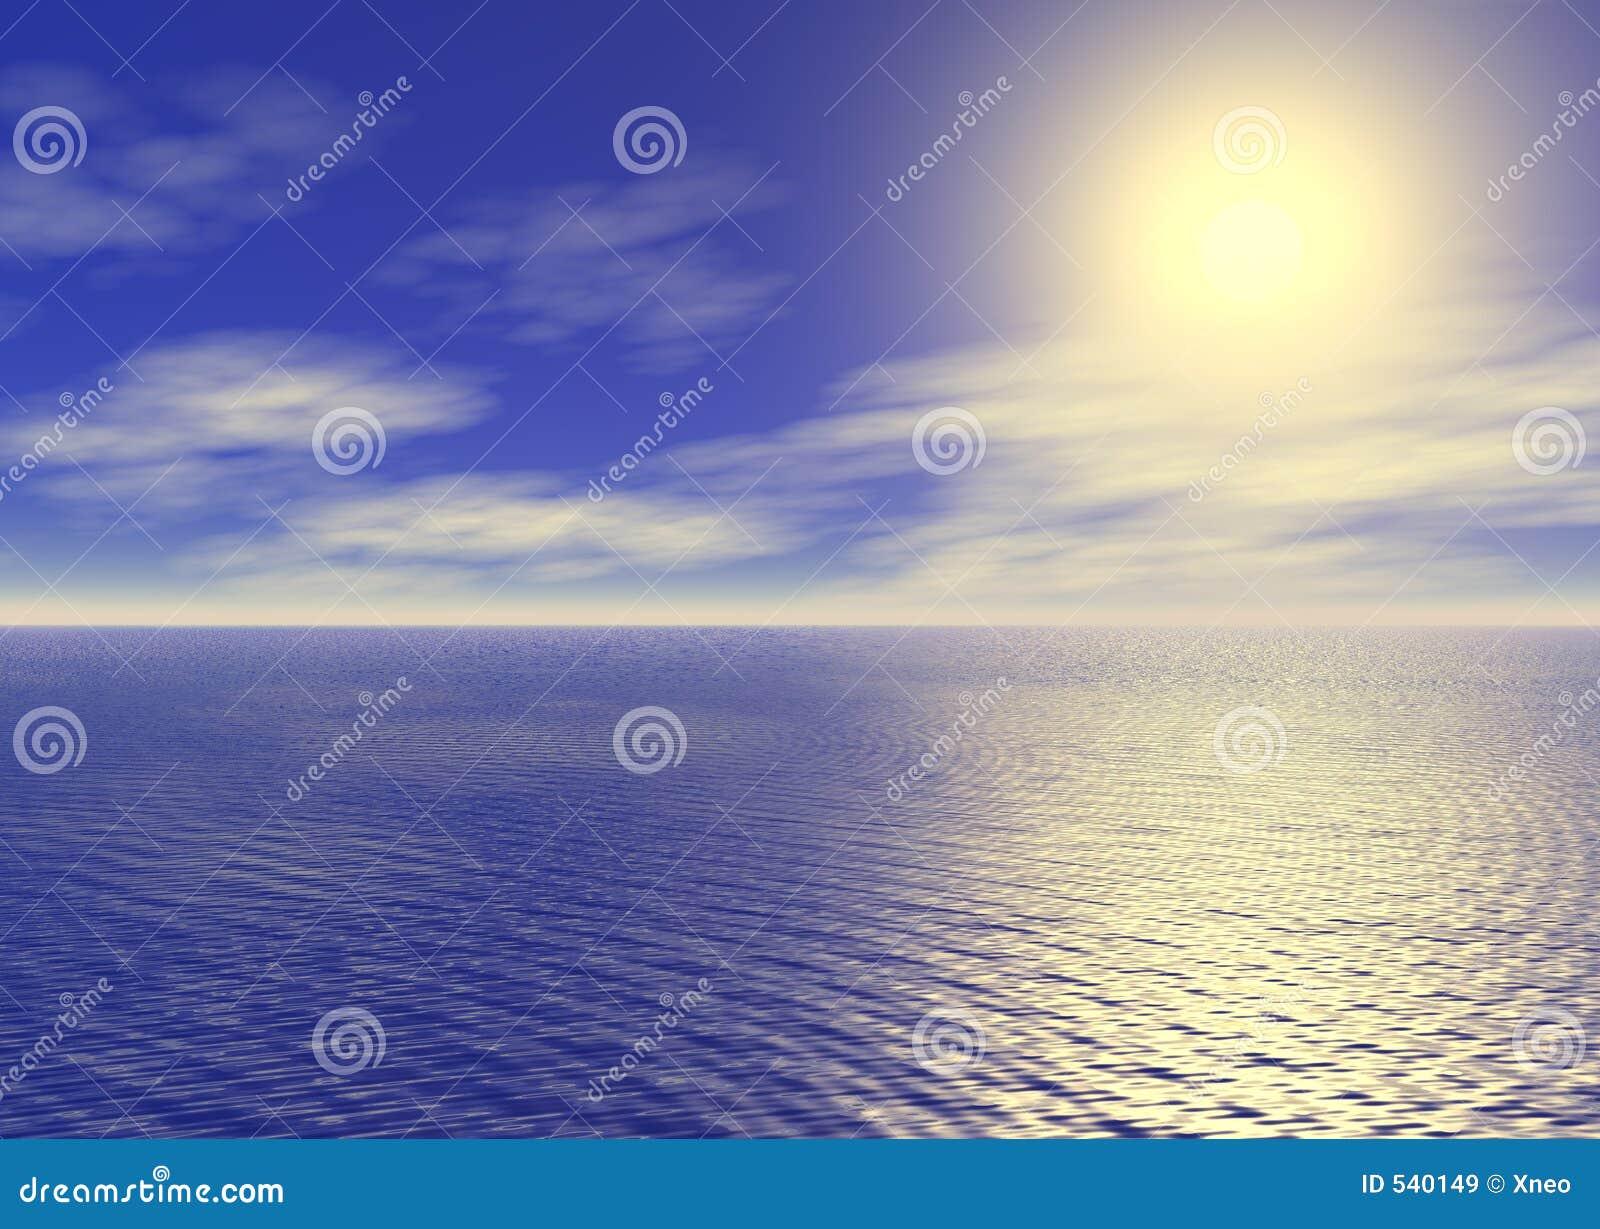 Download 海洋日出 库存例证. 插画 包括有 黎明, 海运, 图象, 无限, 黄昏, 背包, 桌面, 夹子, 靠山, 早晨 - 540149